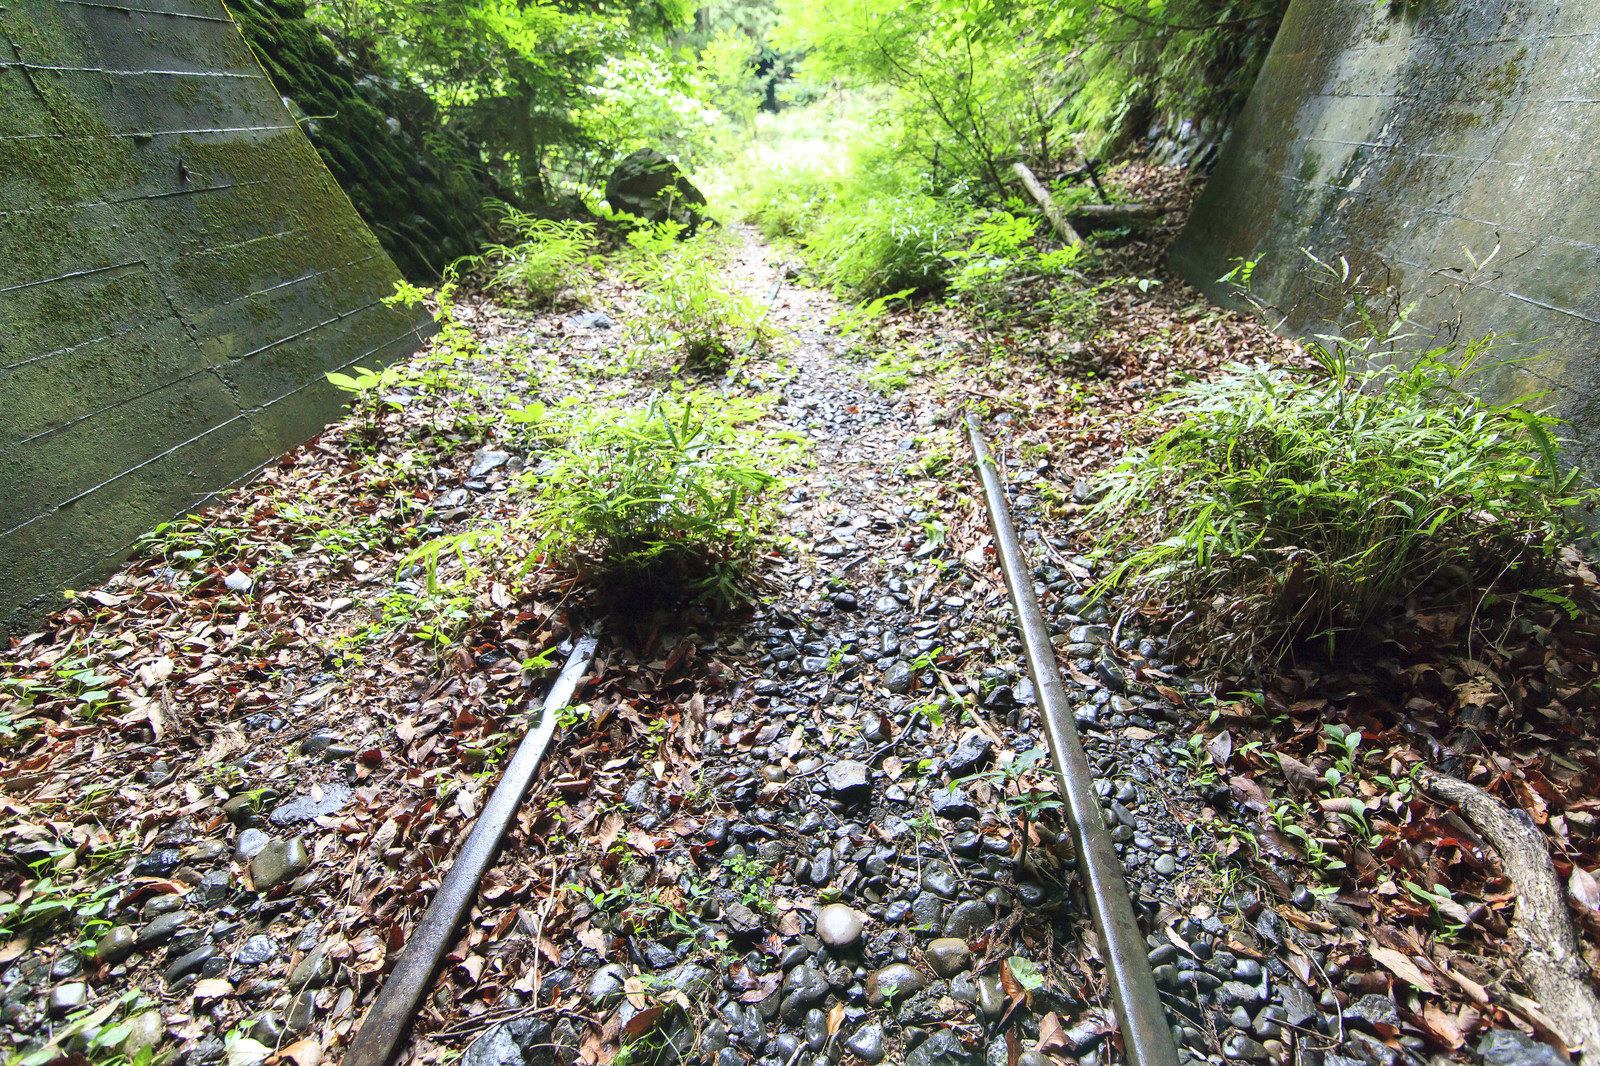 「自然の一部になりつつある廃線のレール」の写真